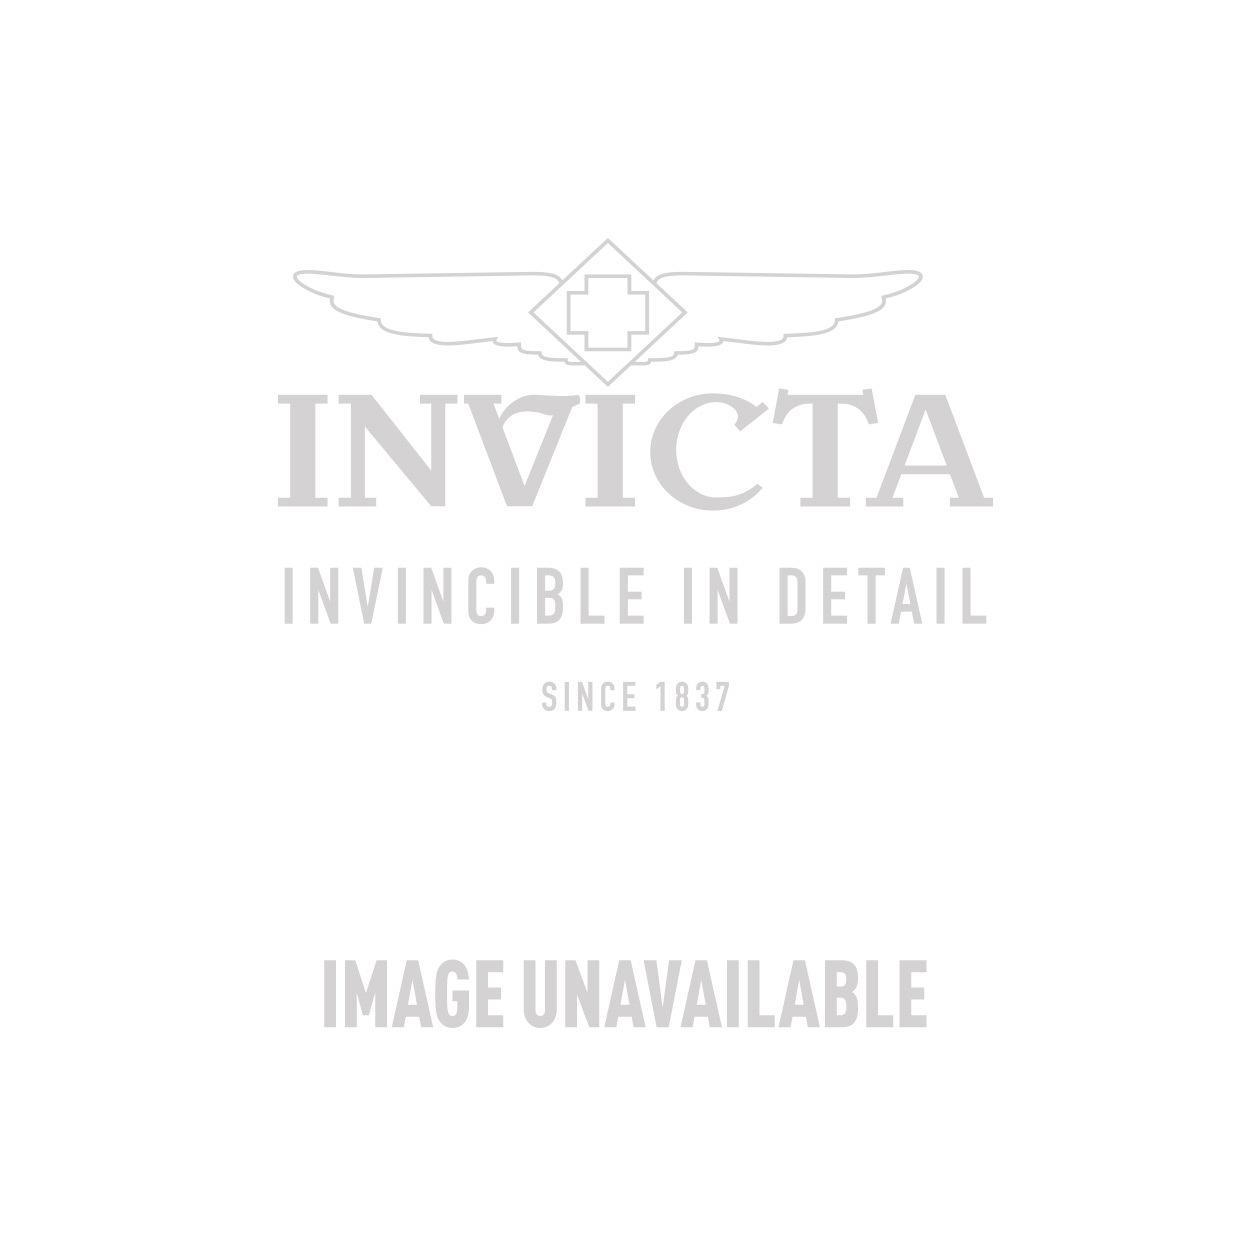 Invicta Model 25518